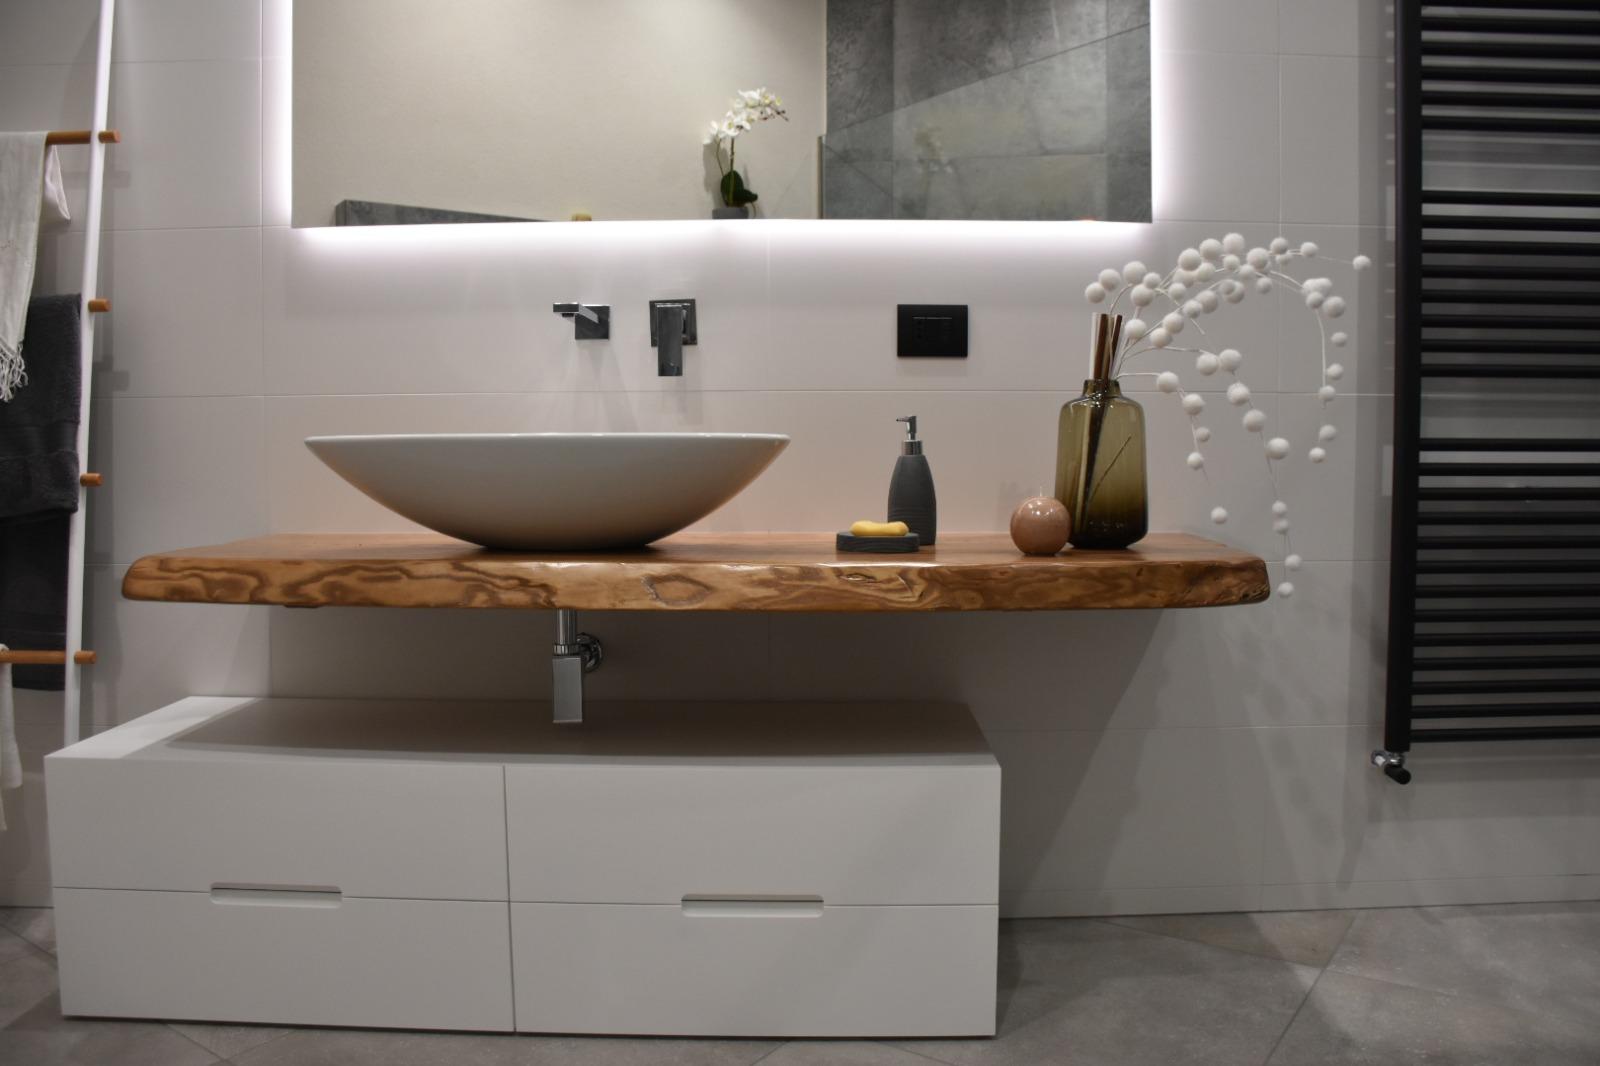 bagno-lavabo-legno-1618126779.JPG